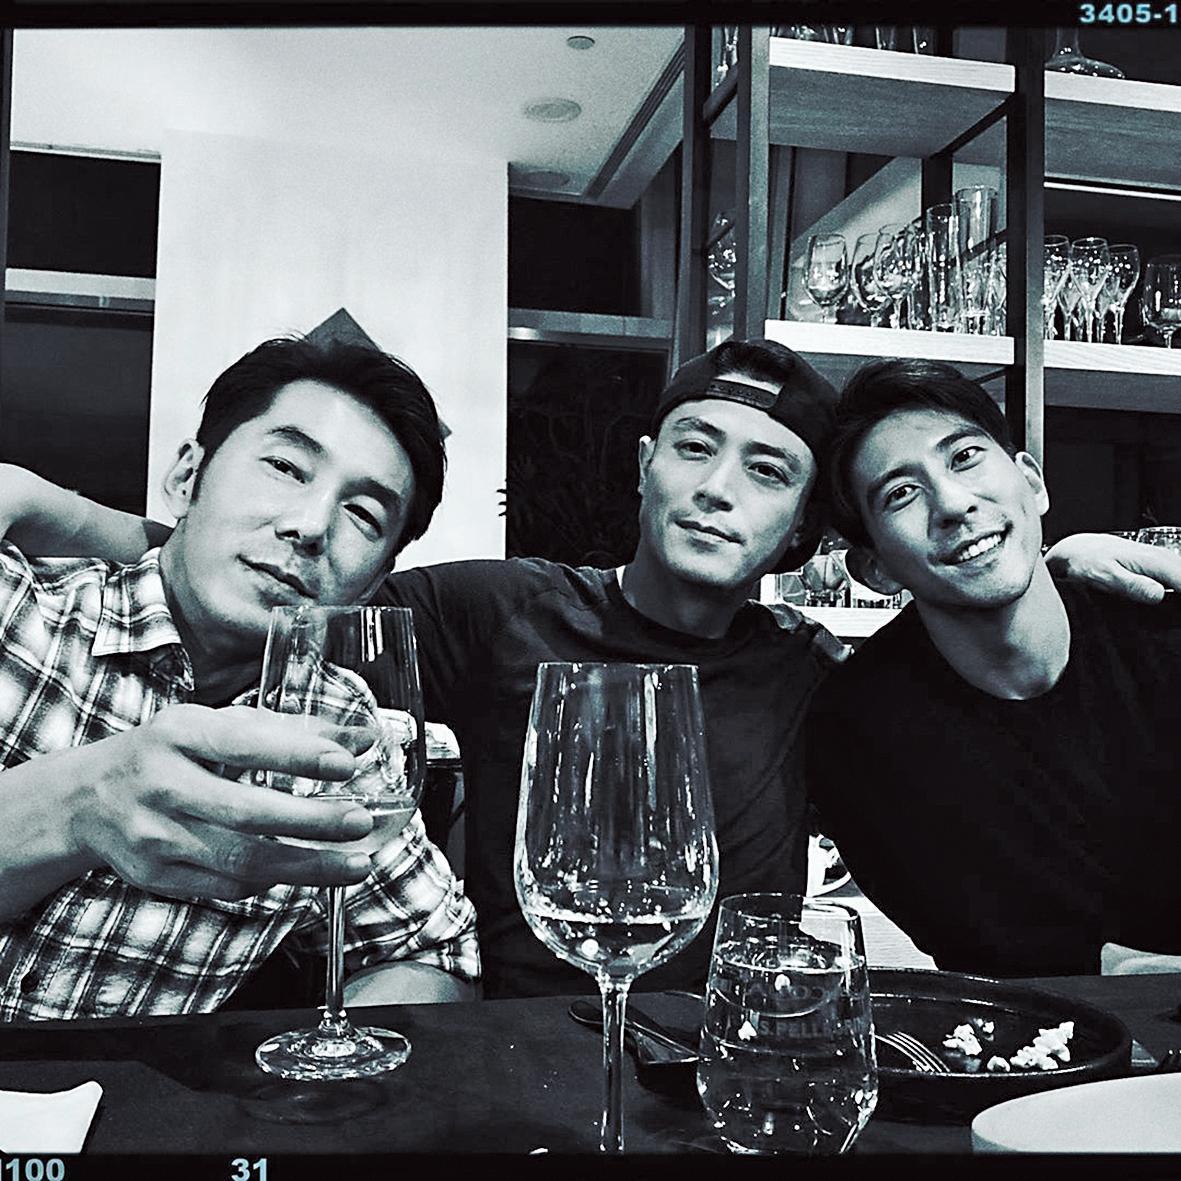 霍建華(中)出席陶子的生日宴,身邊不見林心如,只有李李仁(左)、修杰楷(右)等男性友人,這張照片同樣引起討論。(翻攝自陶晶瑩IG)